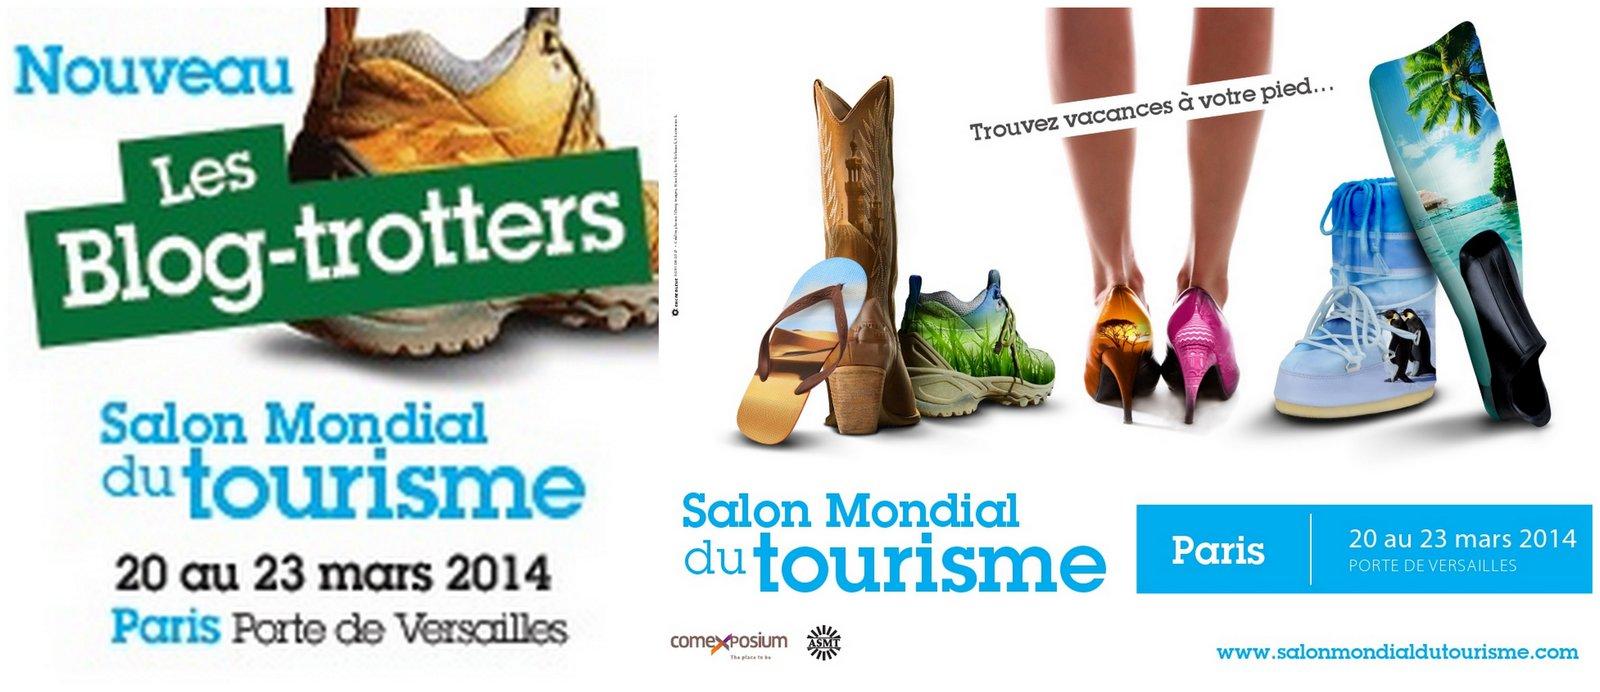 Rendez vous au salon mondial du tourisme paris - Salon tourisme belgique ...